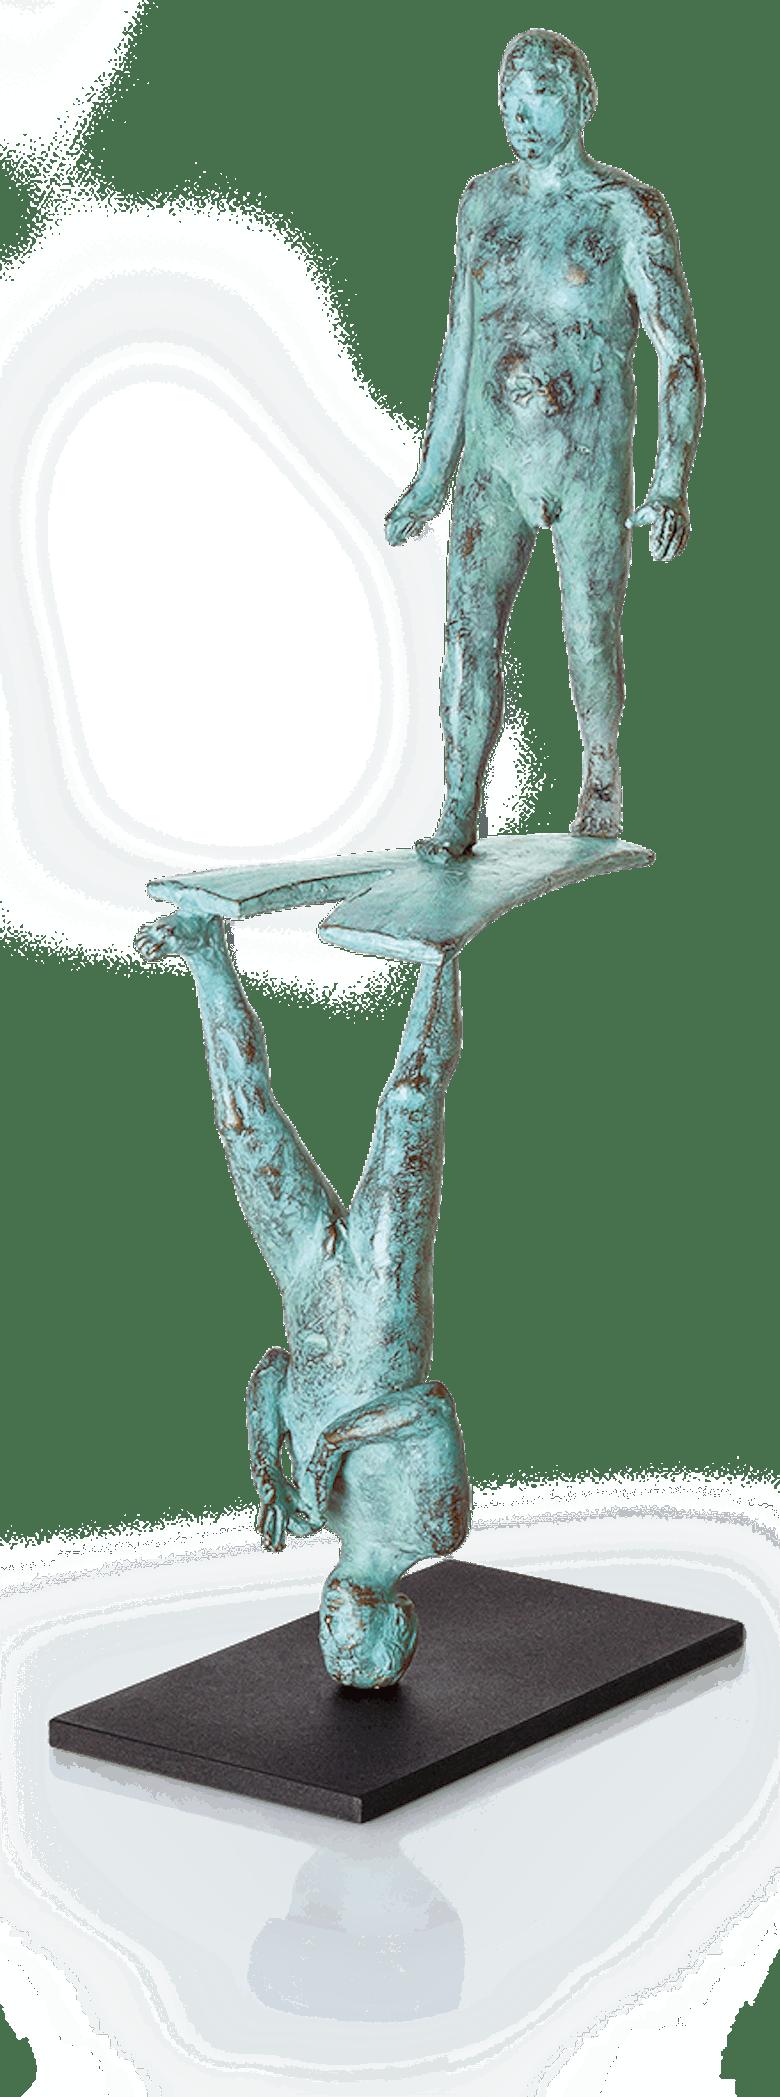 Bronzefigur Richtung ändern von Adelbert Heil